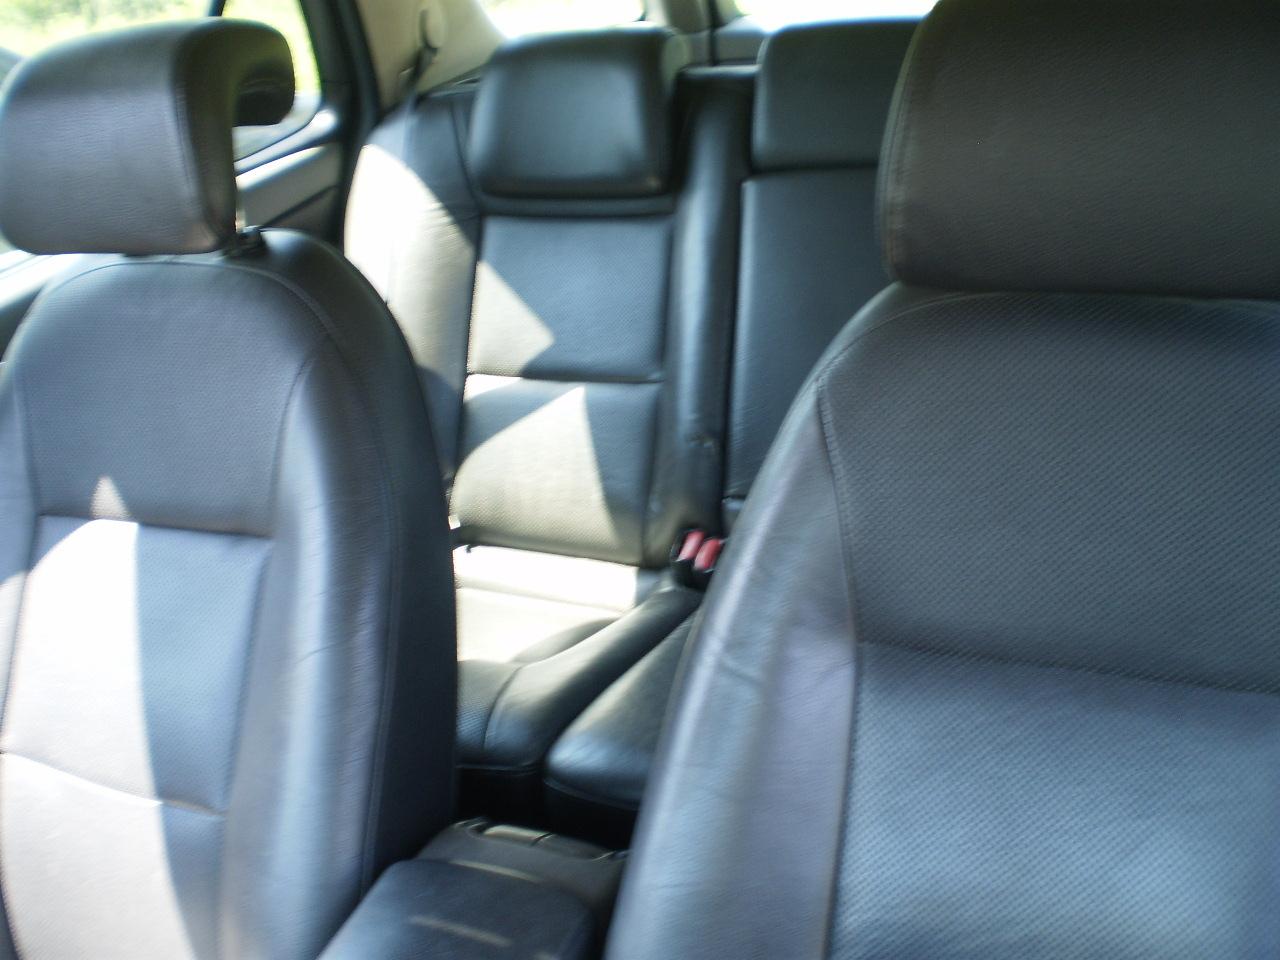 All Seats 2003 SAAB 9-5 Wagon